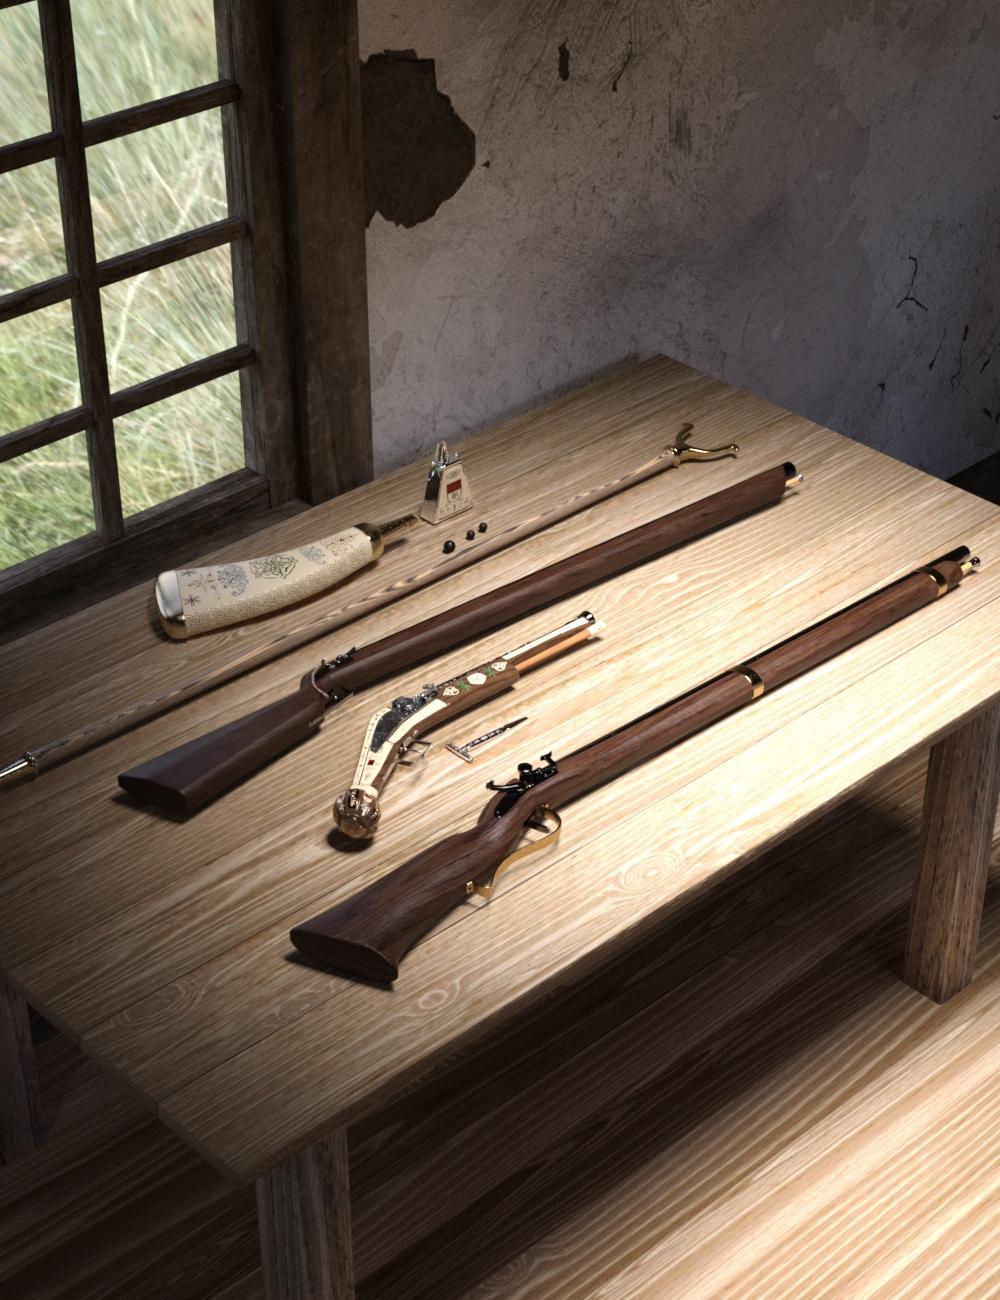 Renaissance Firearms Set by: Falcontruth, 3D Models by Daz 3D